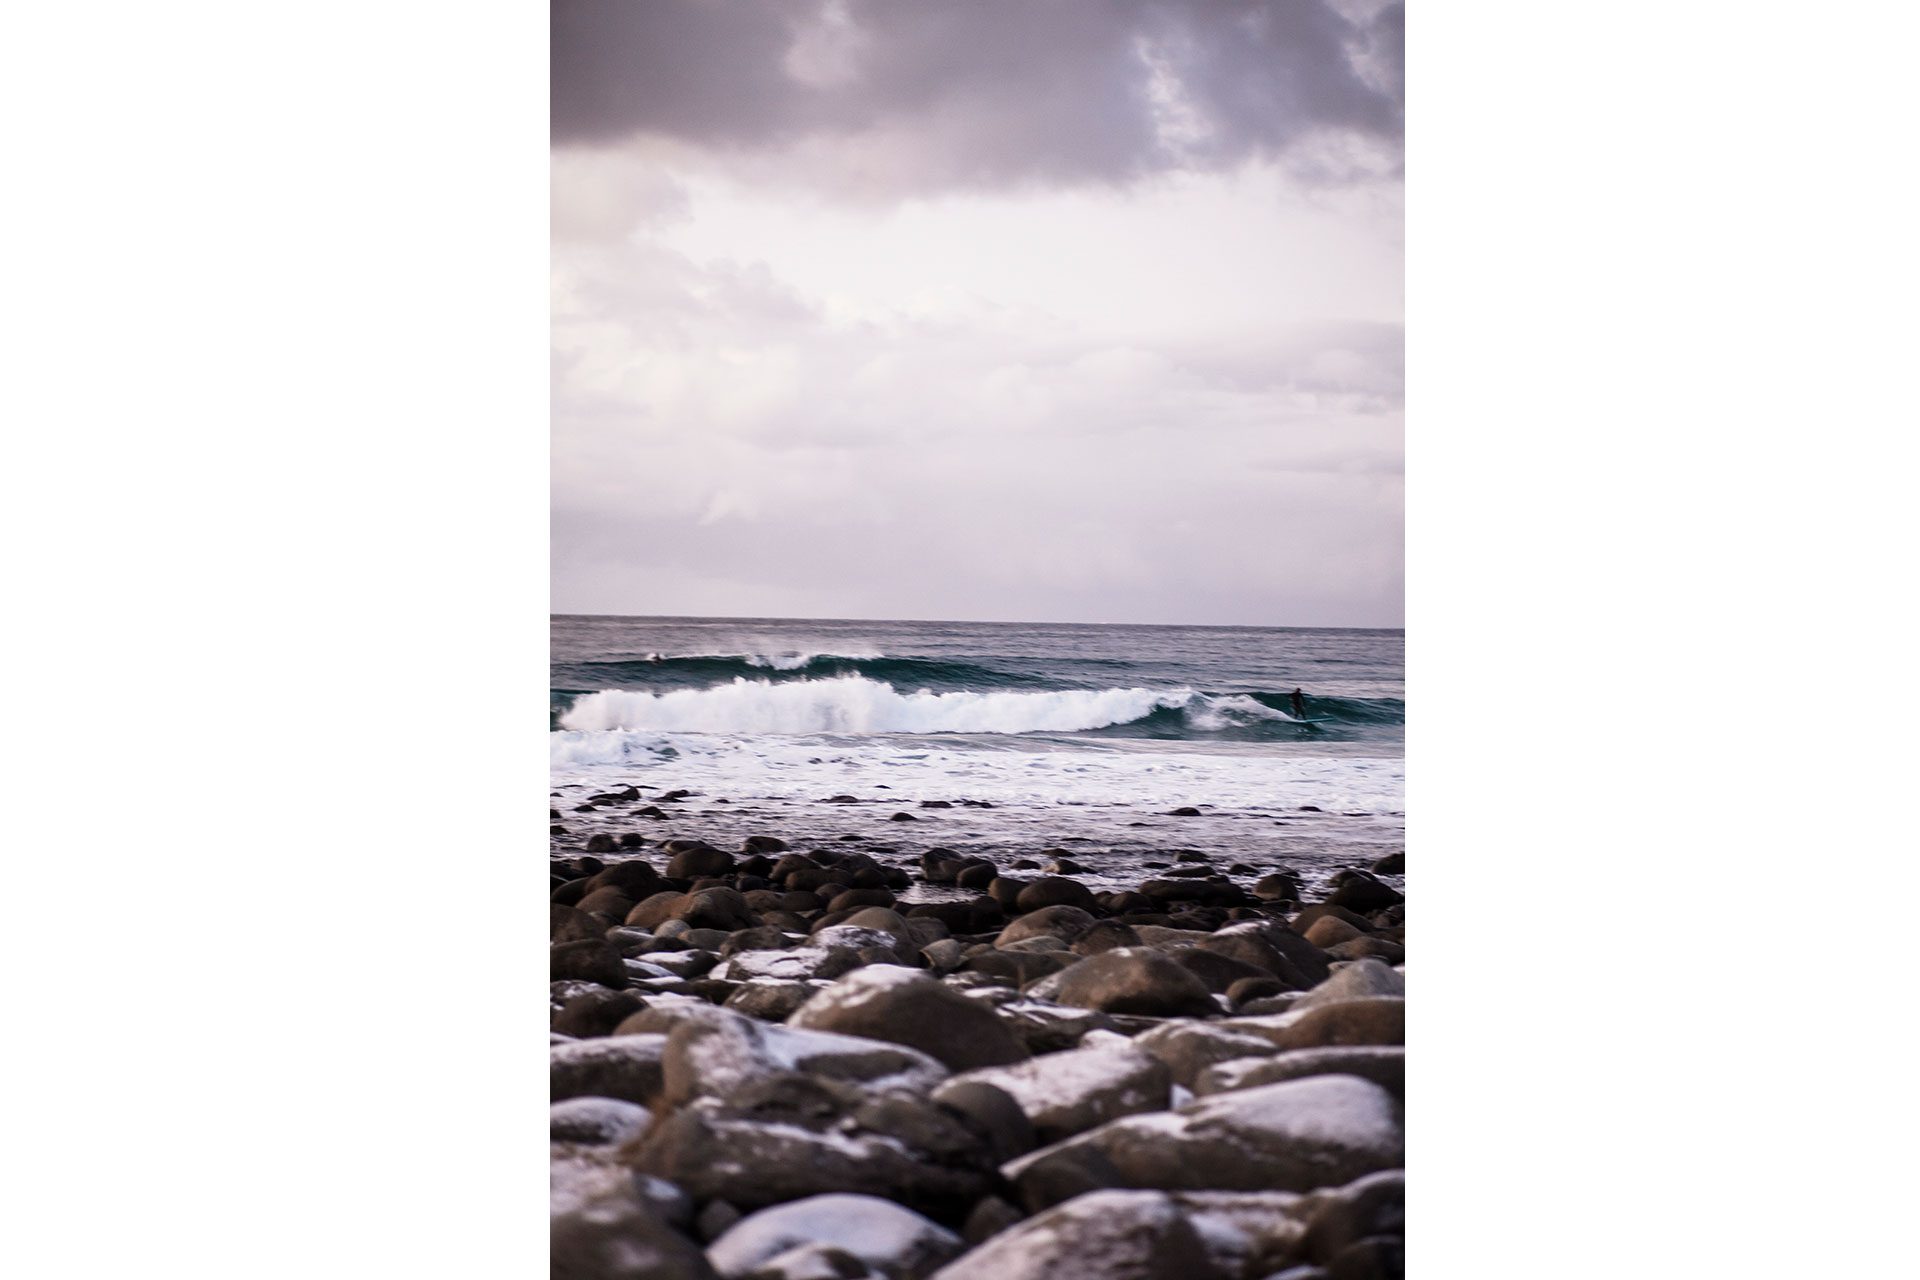 Wellen Arktis Surfen Reisen Landschaft Fotograf Sport Norwegen Michael Müller